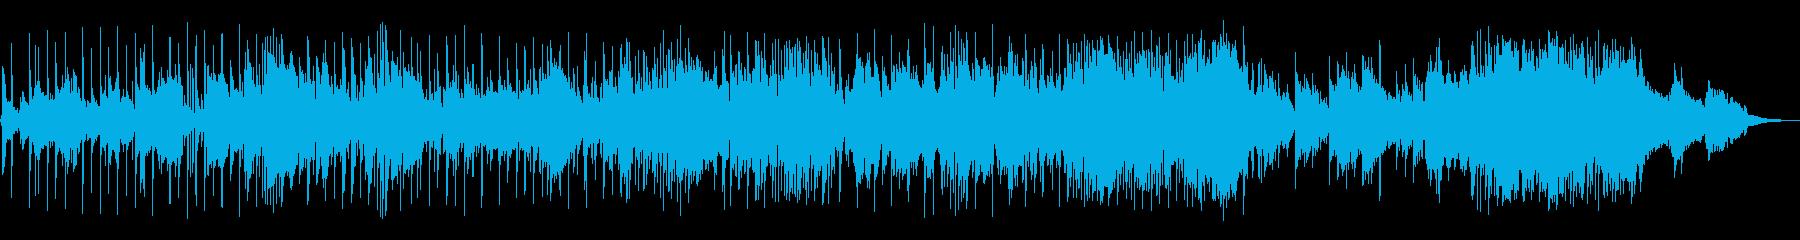 サックスとエレキギターのソロをフィ...の再生済みの波形